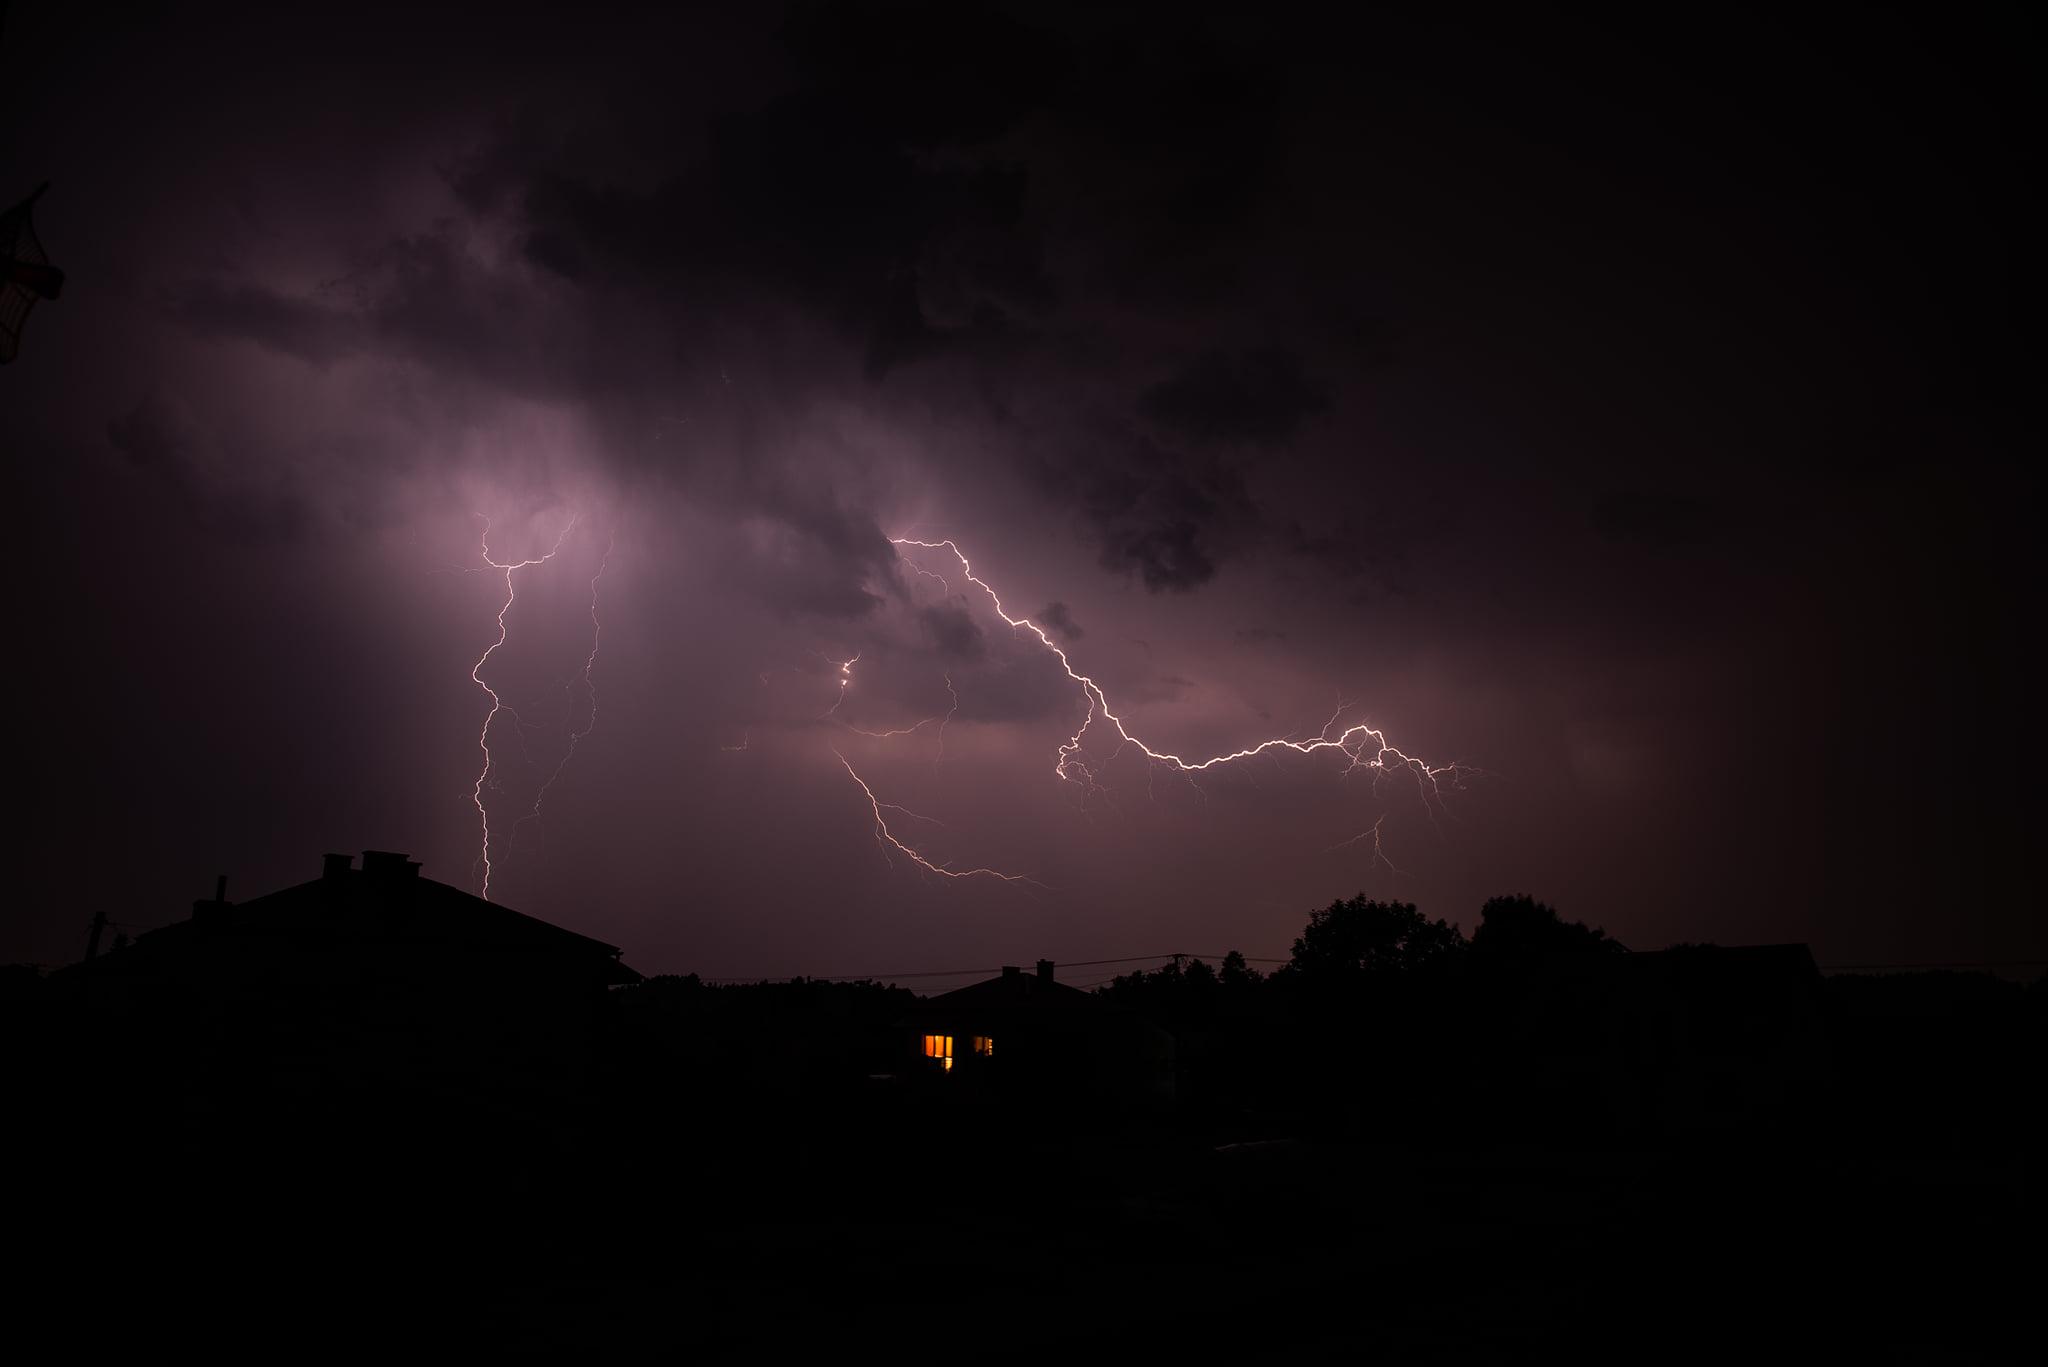 Pogoda Kolbuszowa. Zobacz niesamowite zdjęcia burzy nad powiatem kolbuszowskim  - Zdjęcie główne